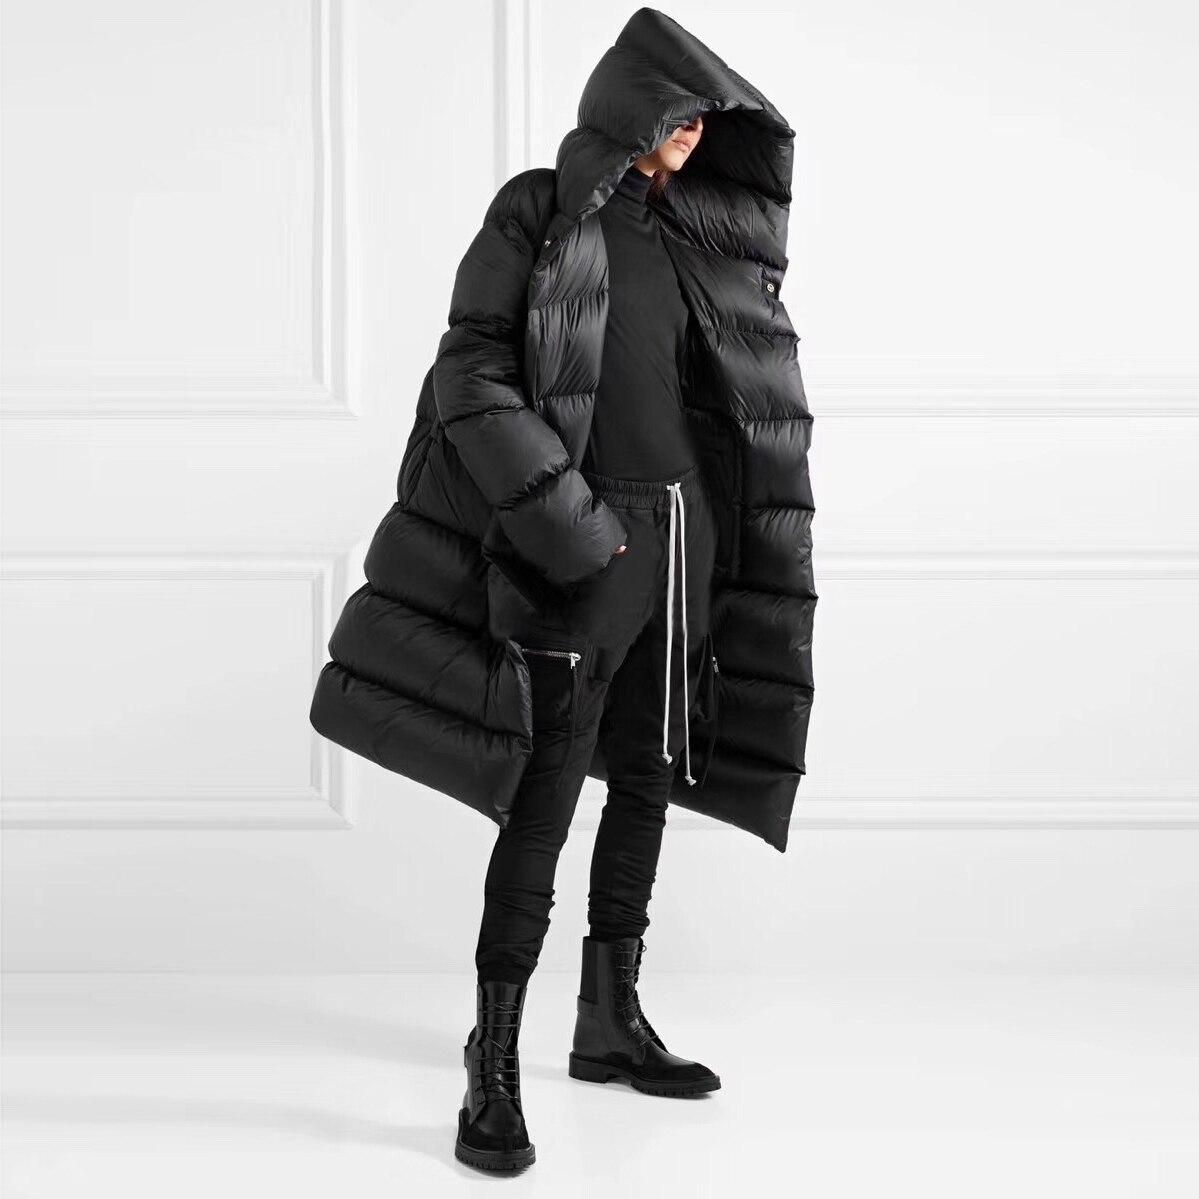 Mode Survêtement De gris Le Capuchon Pour Chaud Solide Veste Noir À D'hiver Casual Designer Manteau Vers Femmes Couleur Manteaux Longues Manches Nouvelle Bas Lâche frfvR